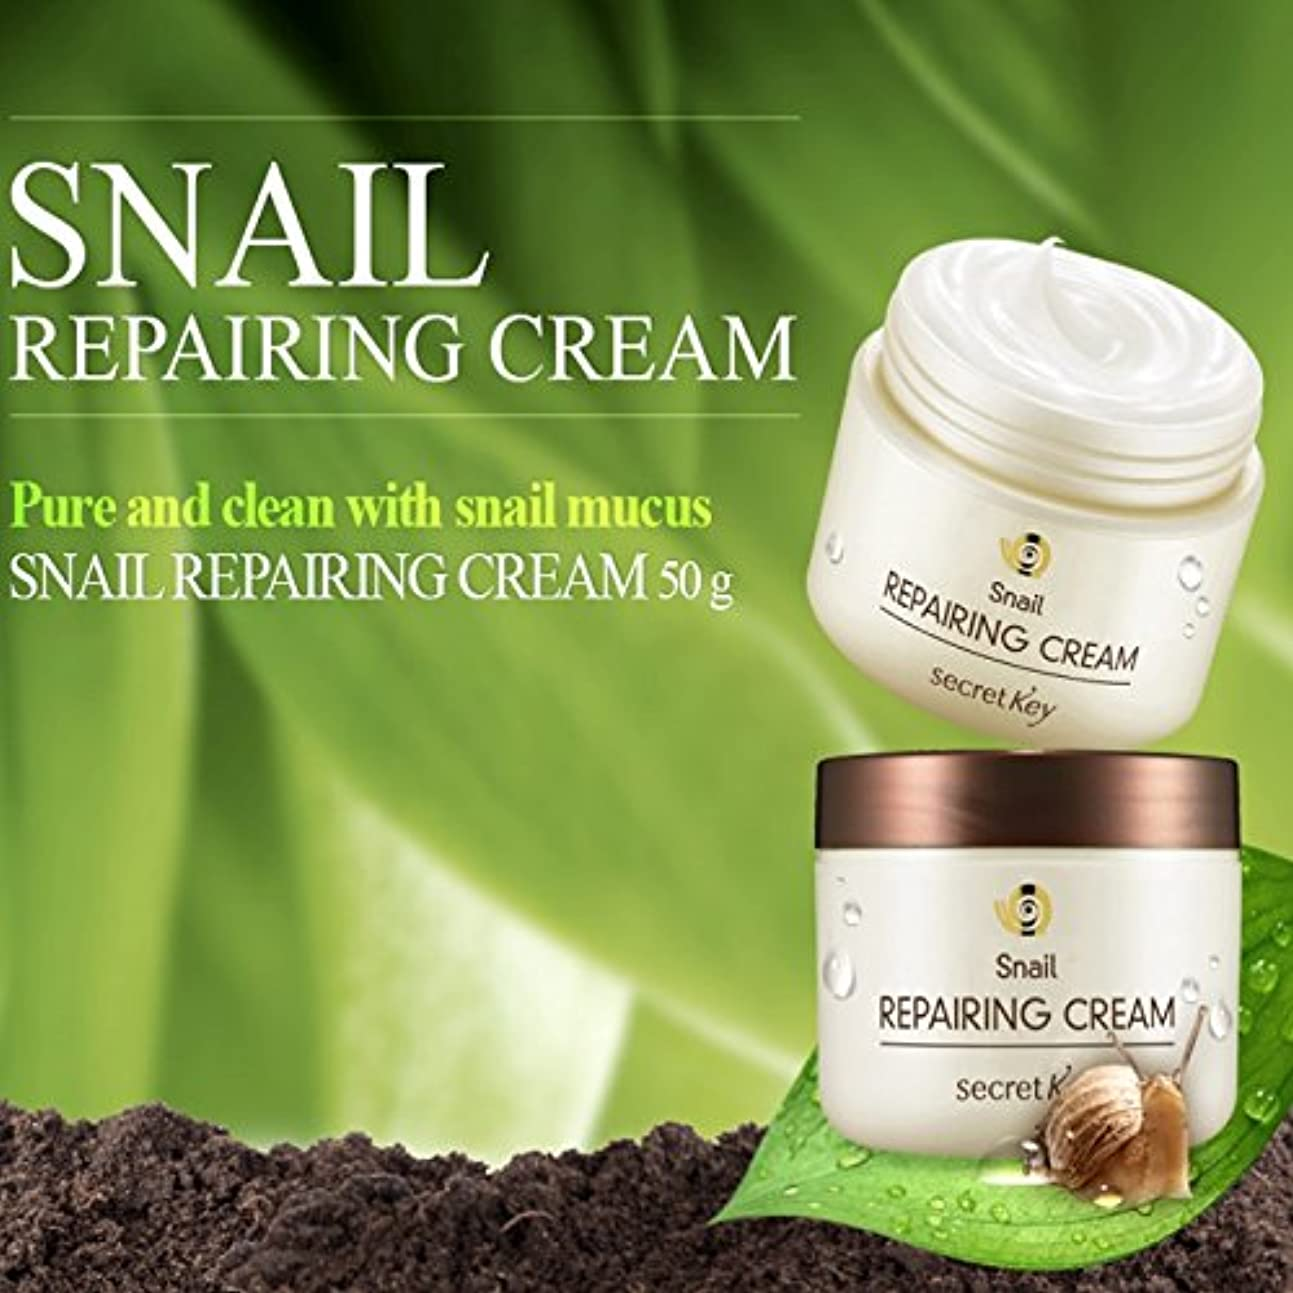 シャンパンパフ値Secret Key Snail Repairing Cream Renewal 50g /シークレットキー スネイル リペアリング /100% Authentic direct from Korea/w 2 Gift...